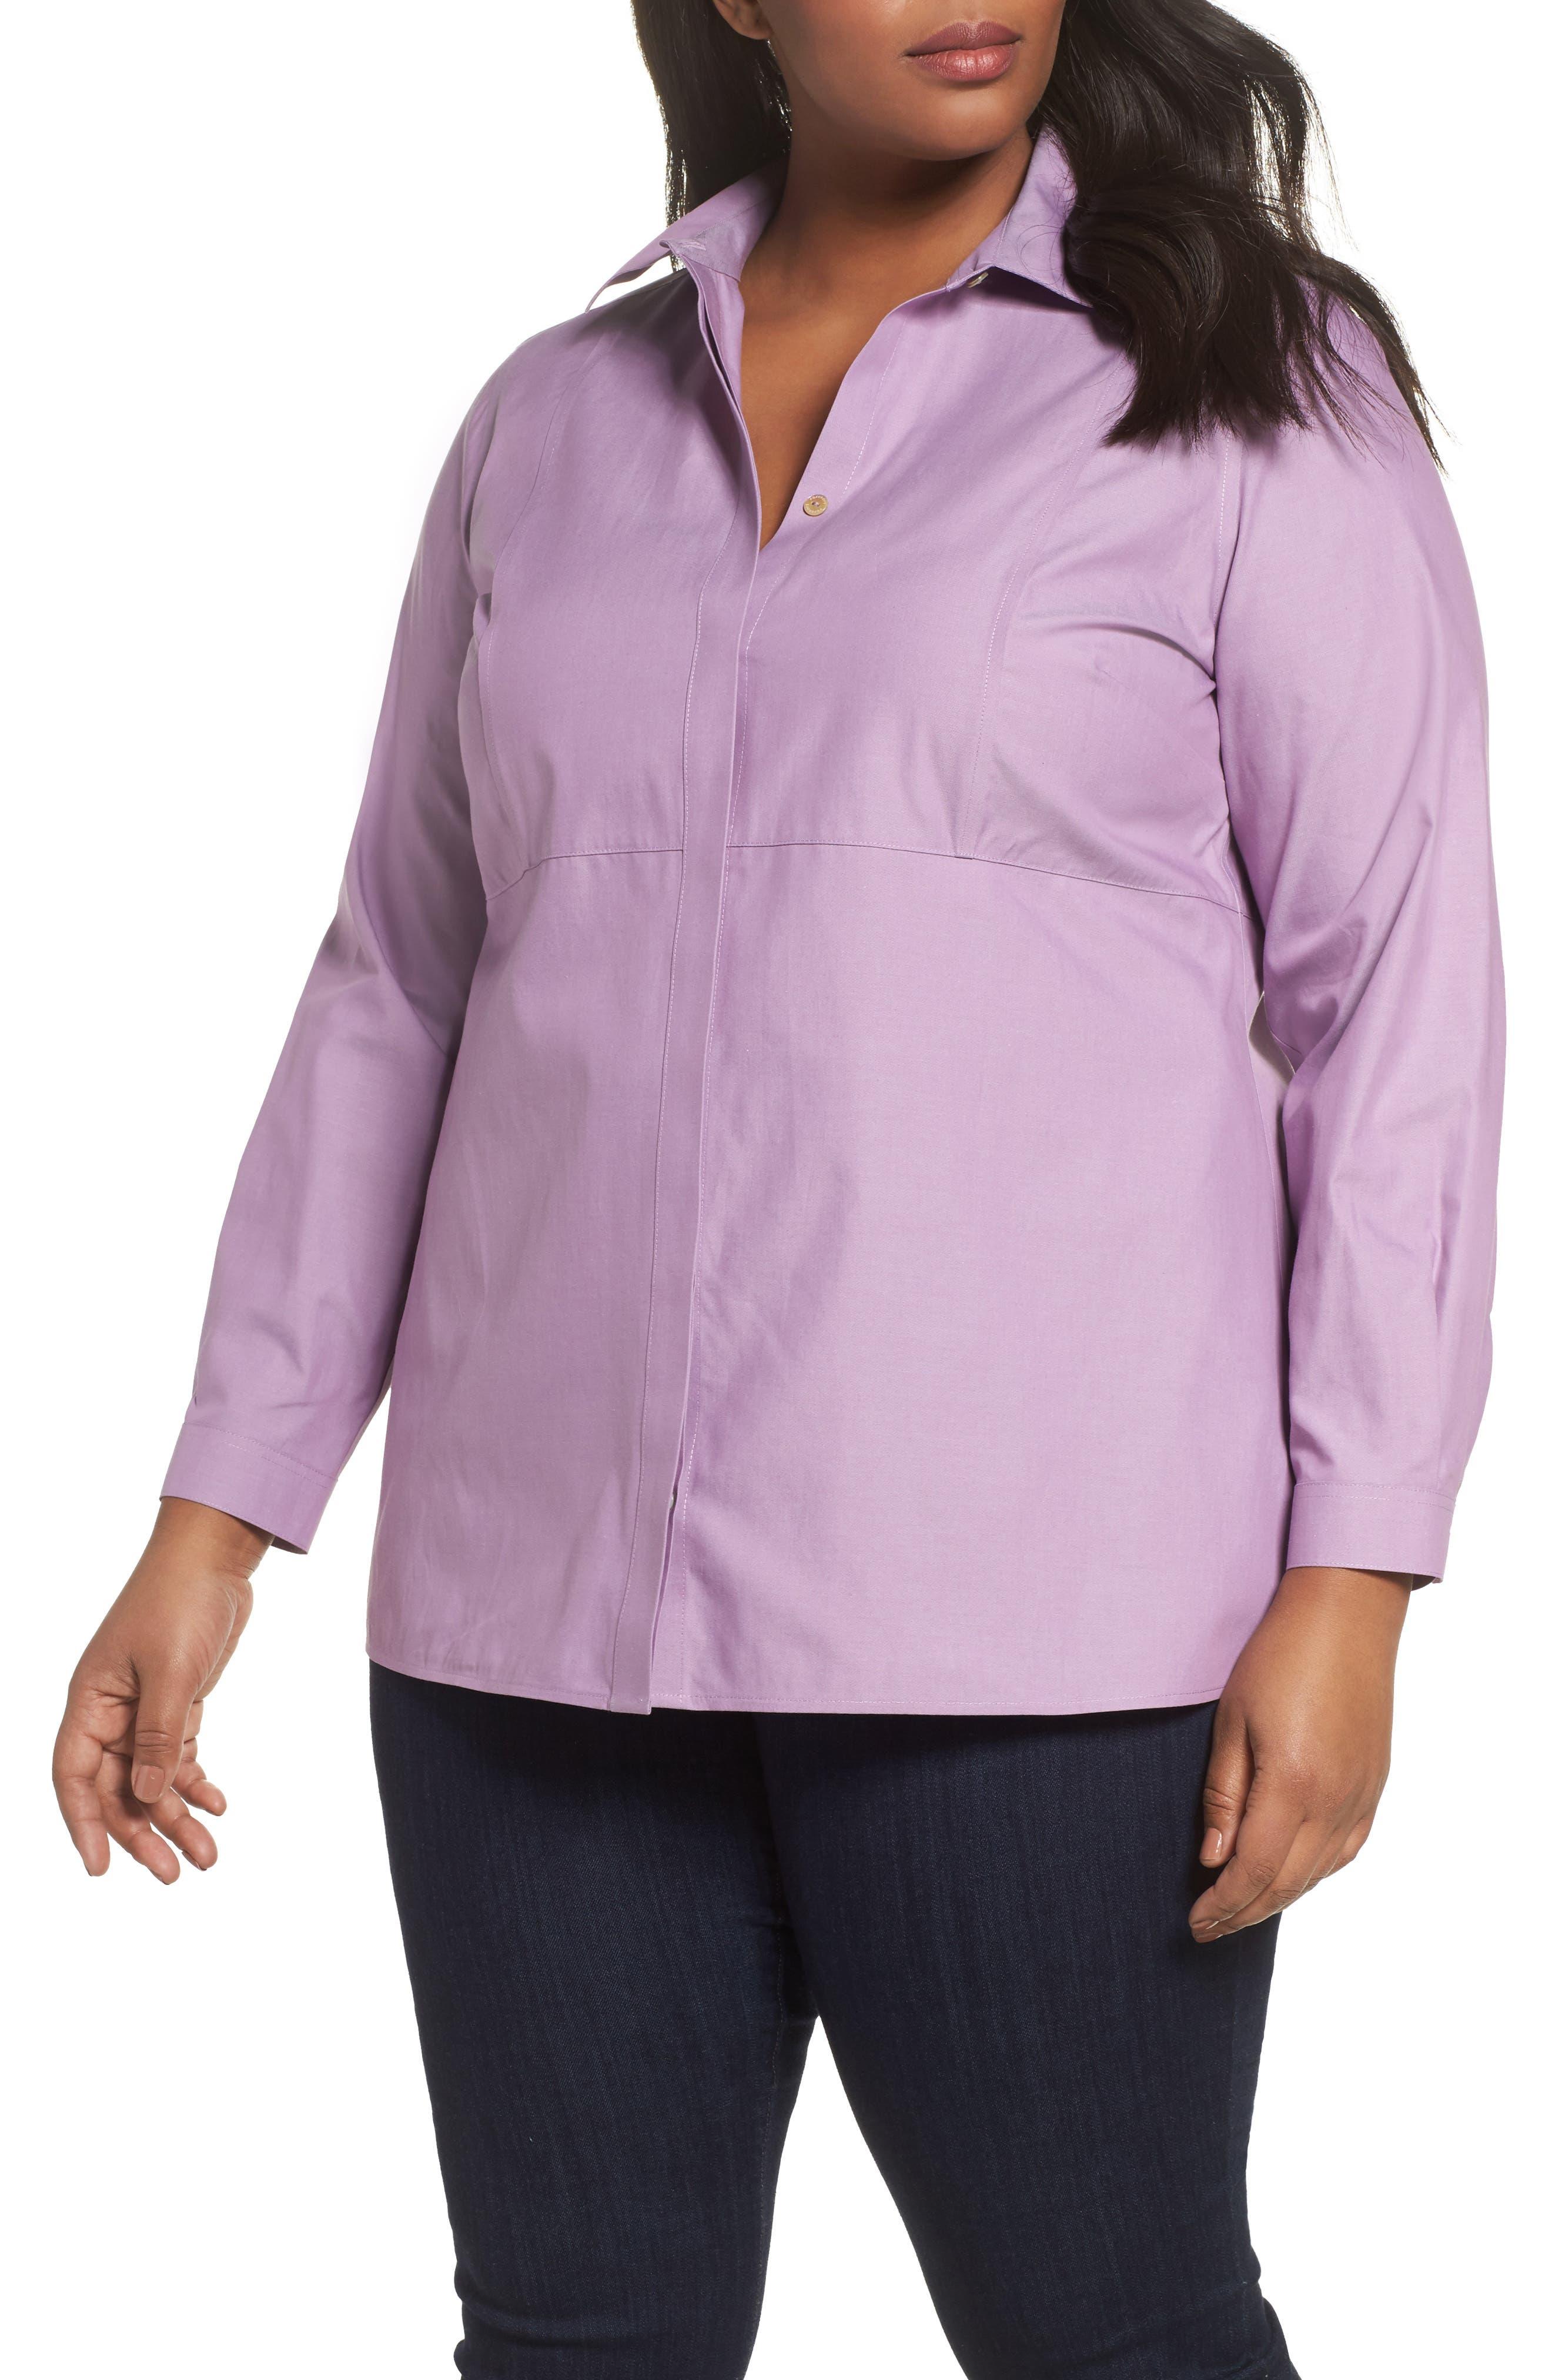 Pinpoint Oxford Cloth Shirt,                             Main thumbnail 1, color,                             Mauve